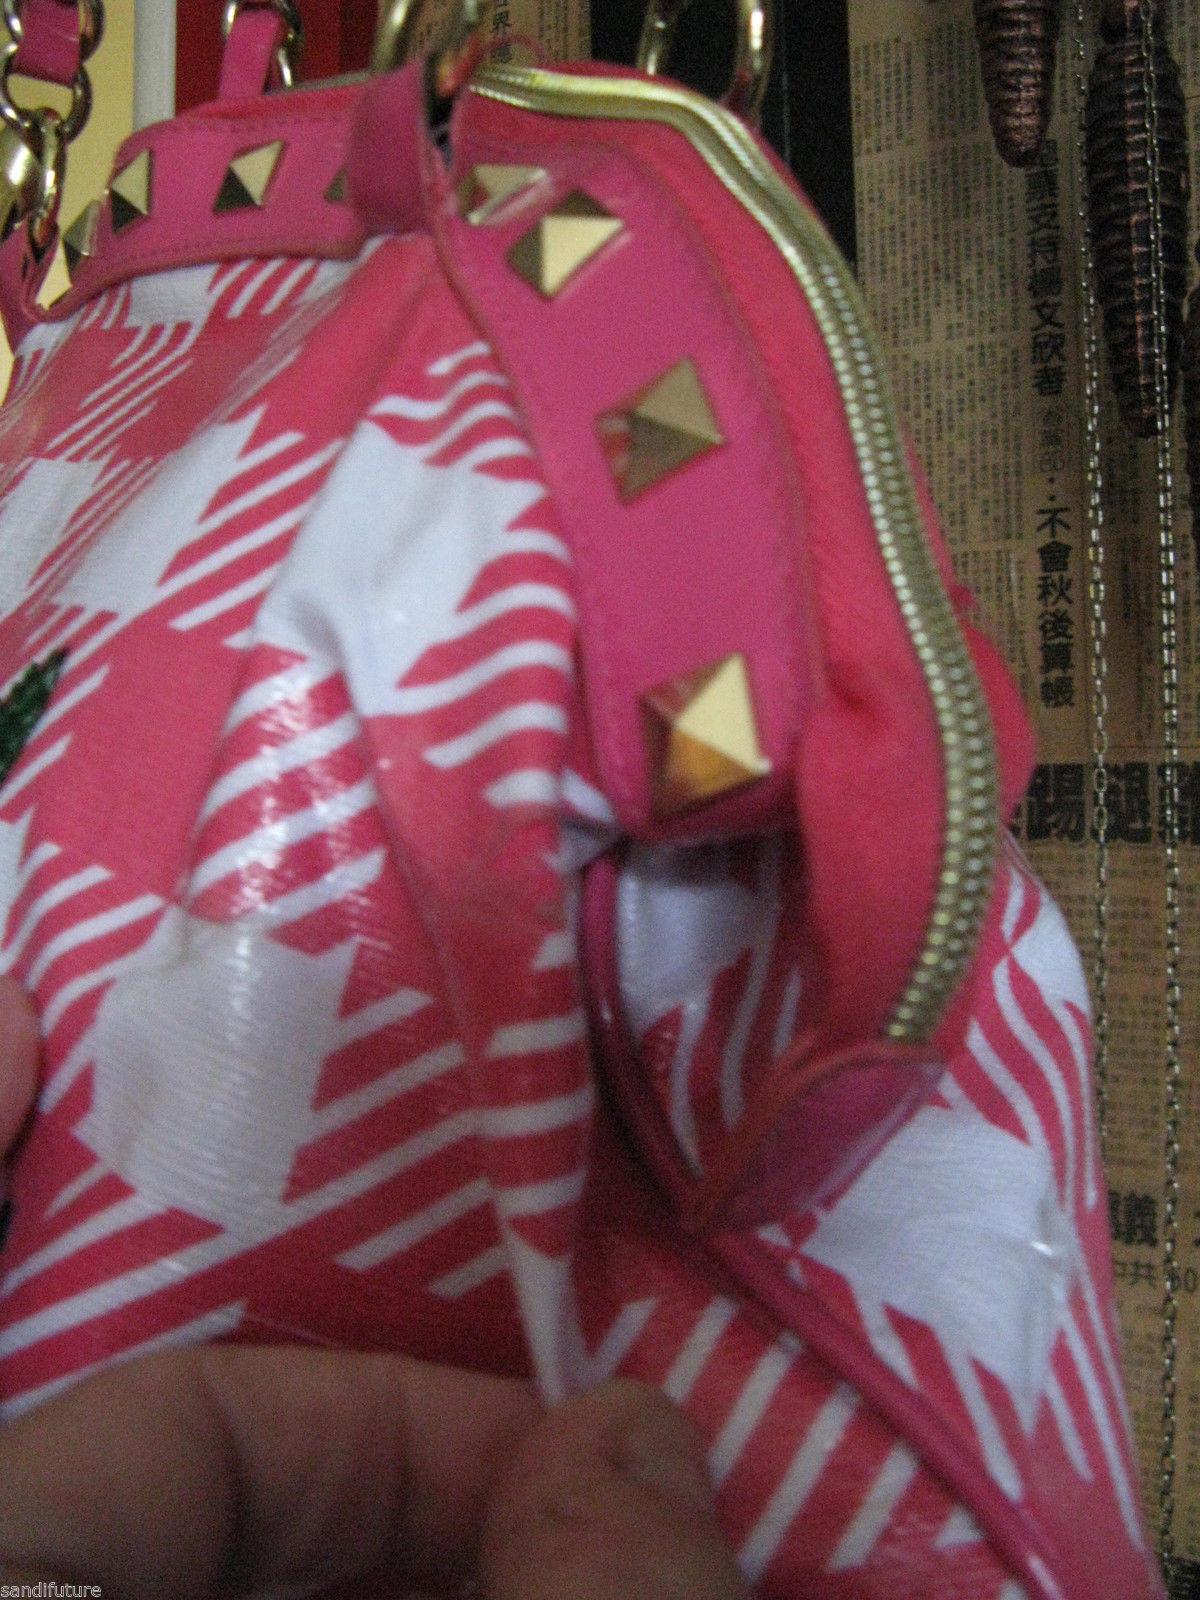 Betsey Johnson Betseyville Cherry Picker rockabilly gingham pin-up handbag VLV image 4